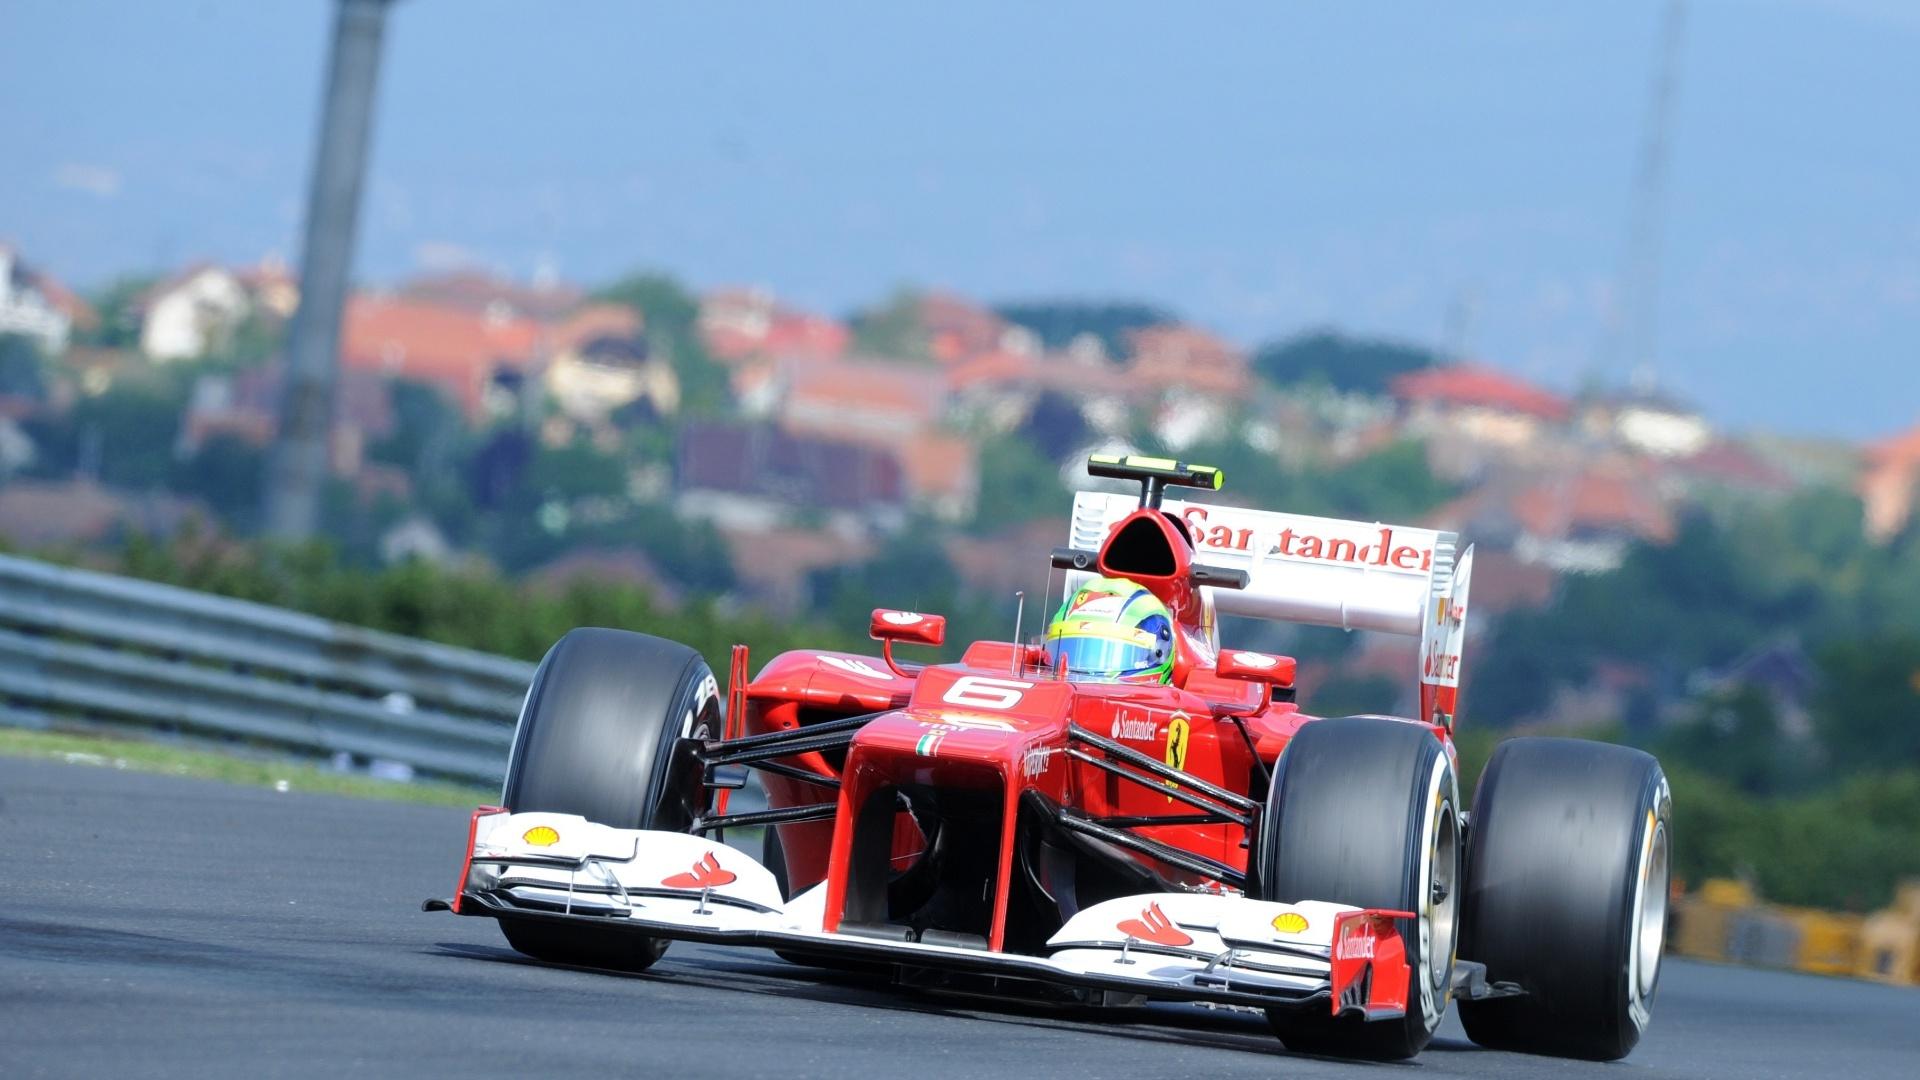 O brasileiro Felipe Massa já avisou que irá ajudar o líder Fernando Alonso e na primeira sessão de treinos acabou na sétima colocação